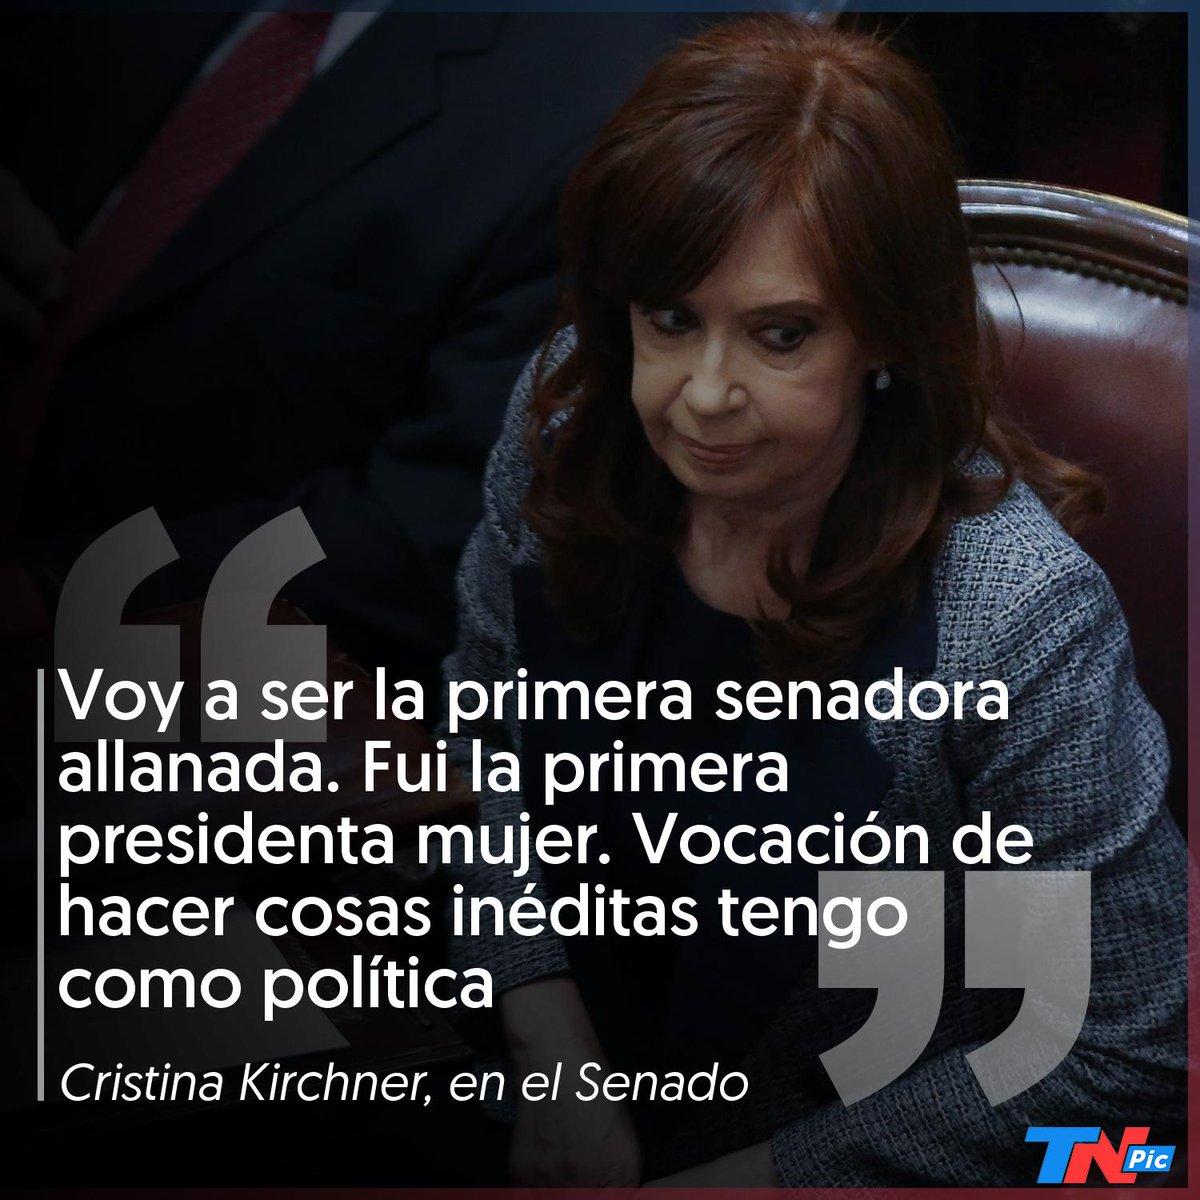 Cristina Kirchner Senado Frases Picantes Alegato Cristina